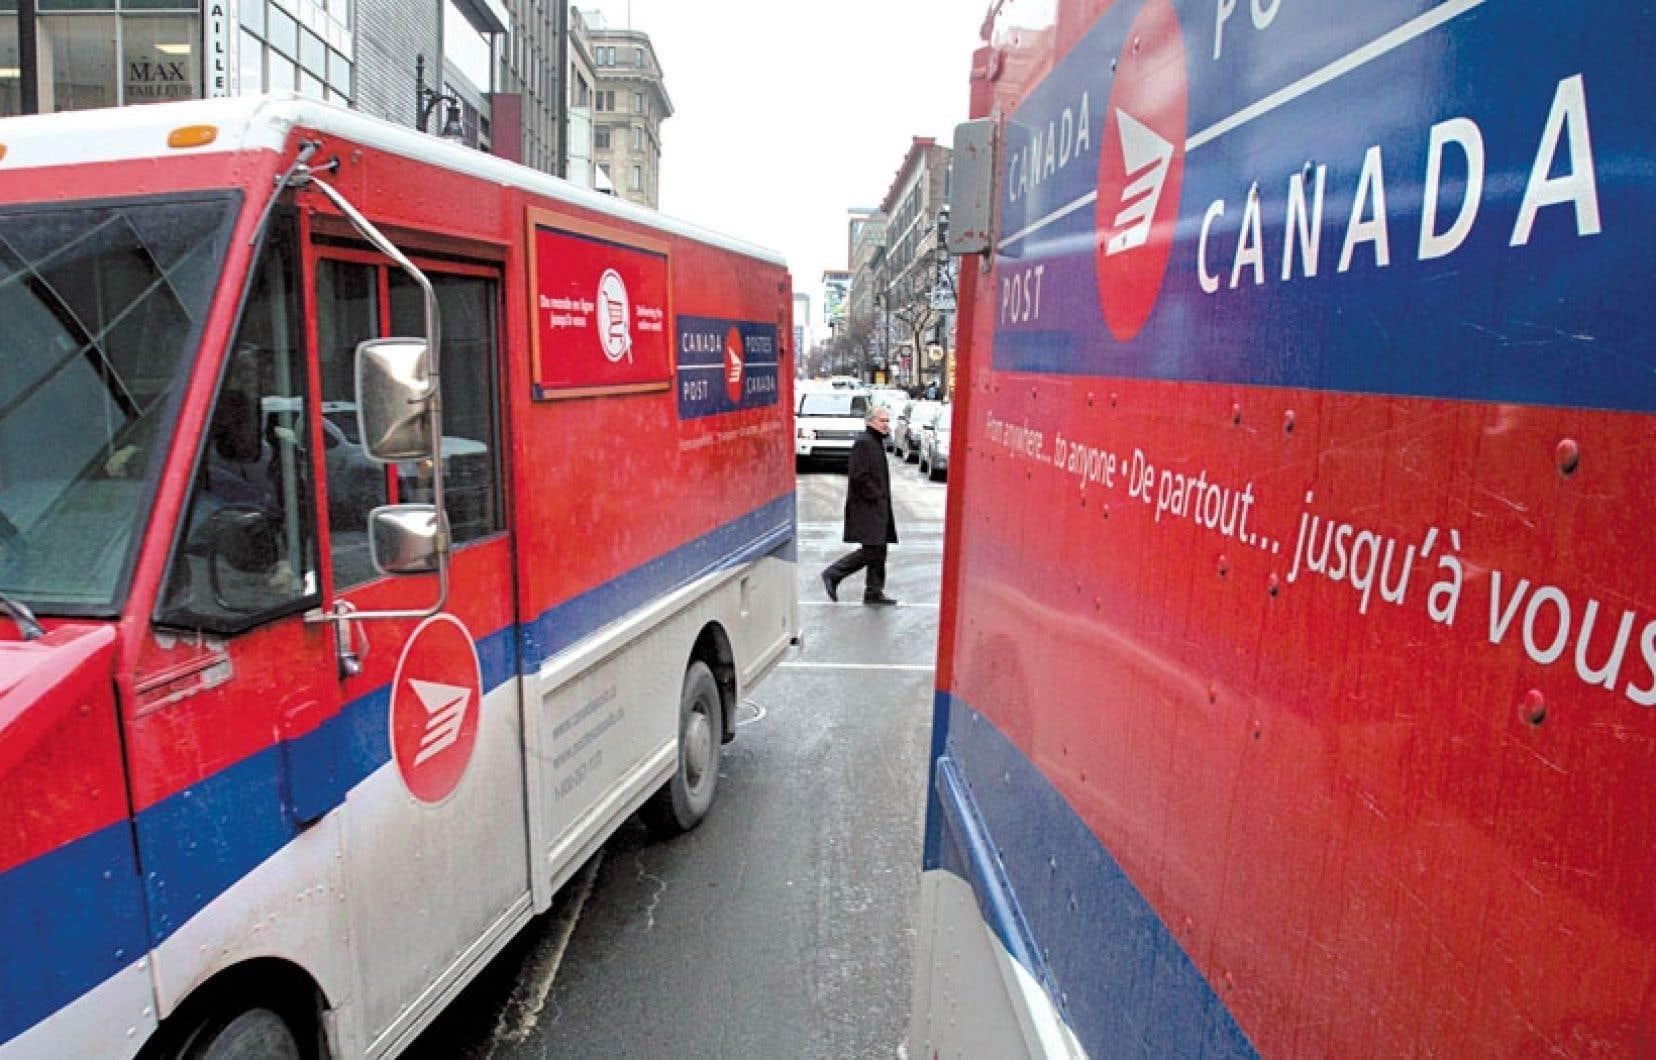 Postes canada le courrier ne sera plus livr domicile le devoir - Bureau de poste quebec restaurant ...